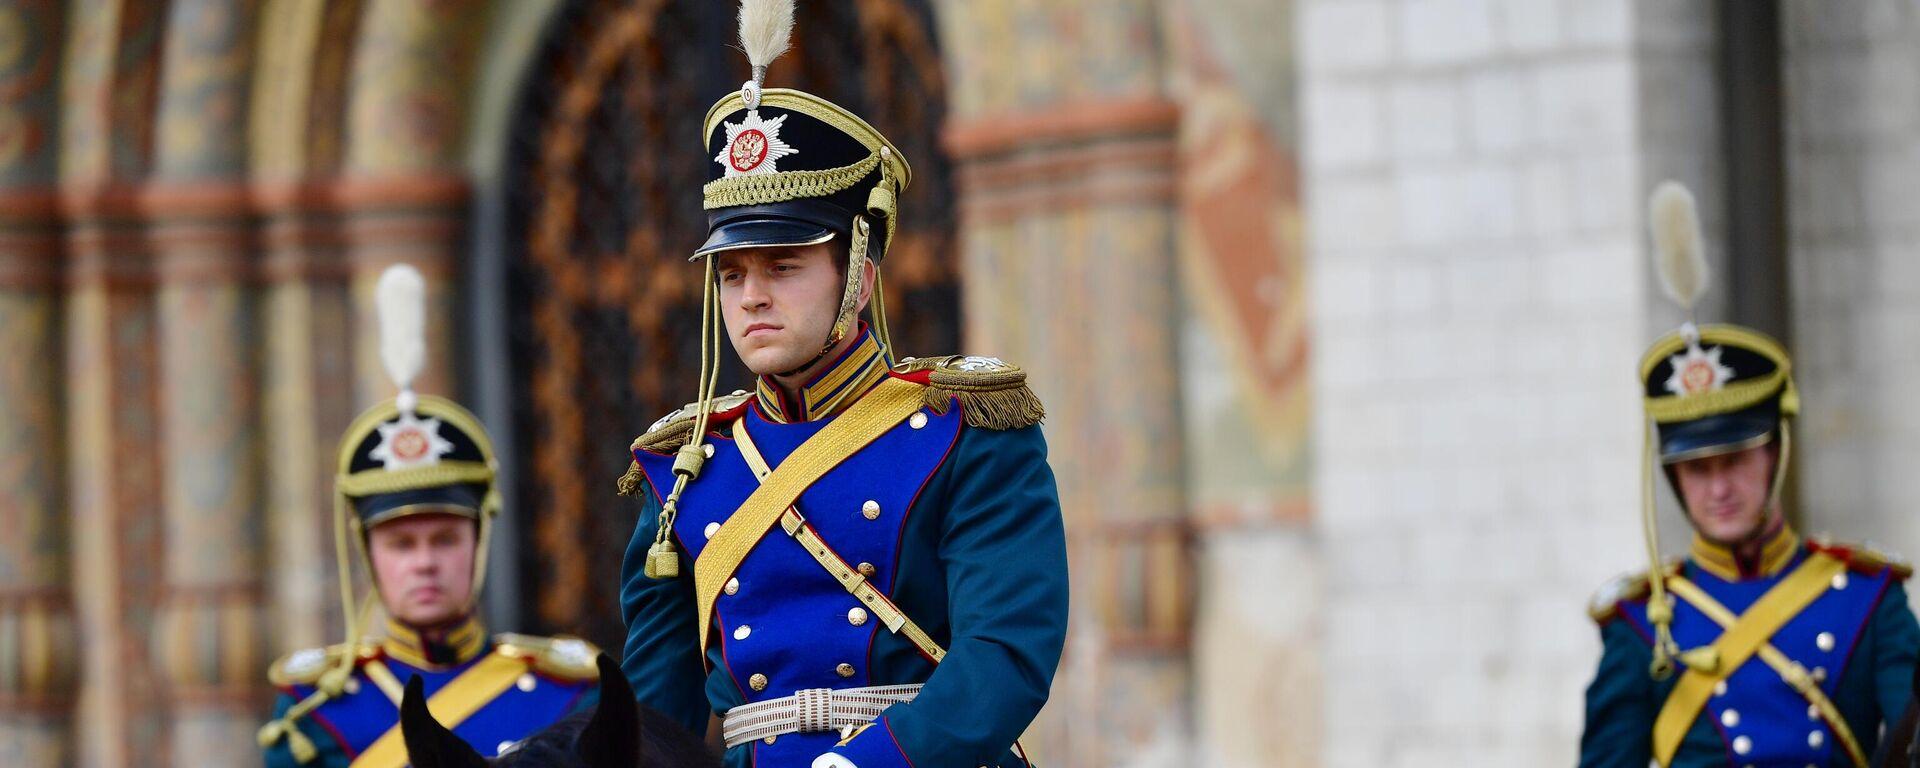 La Escolta de Caballería de Honor del Regimiento Presidencial de Rusia - Sputnik Mundo, 1920, 27.08.2021